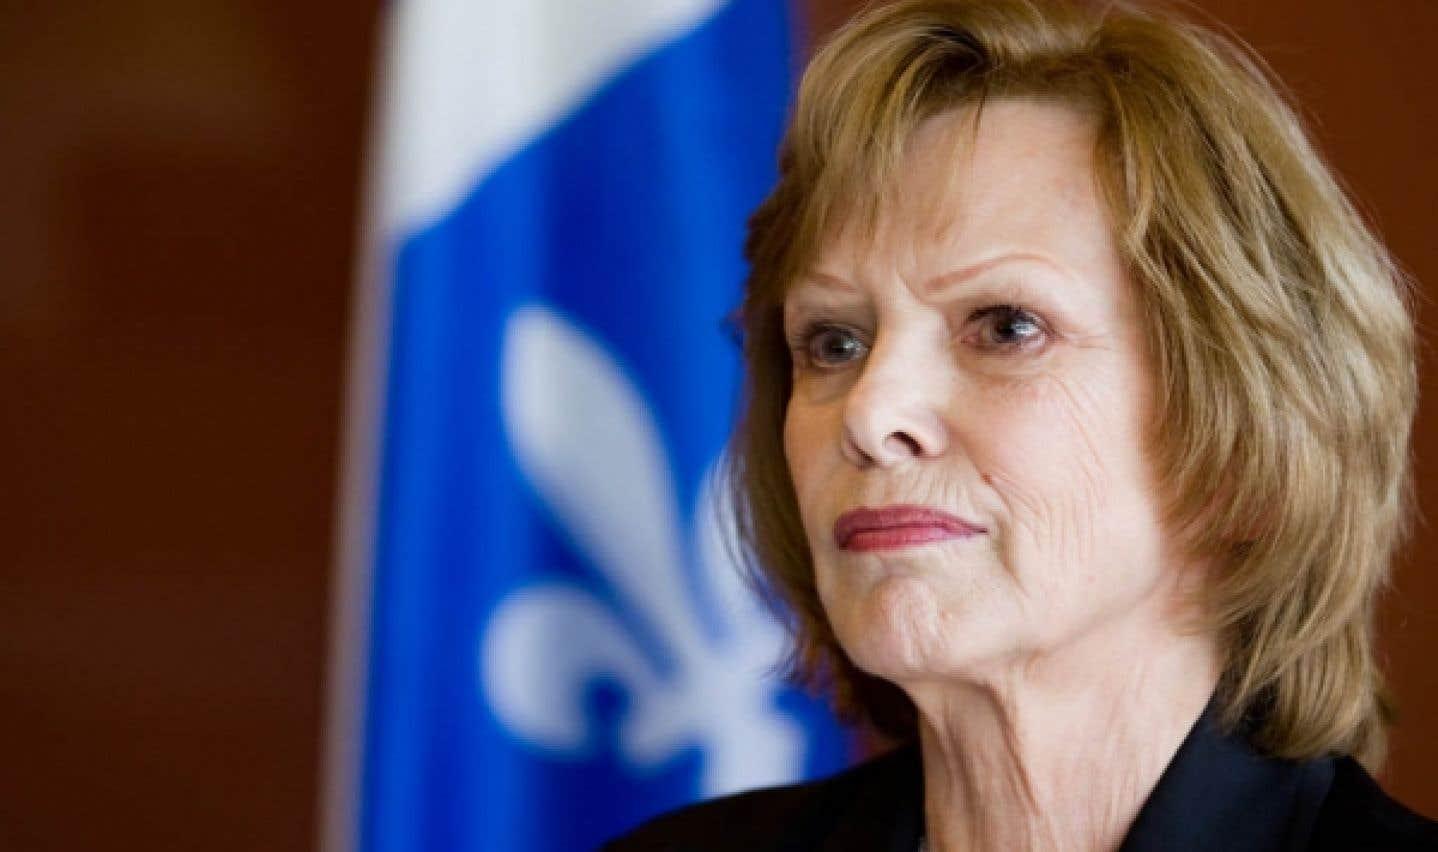 Lisette Lapointe laissera la vie politique